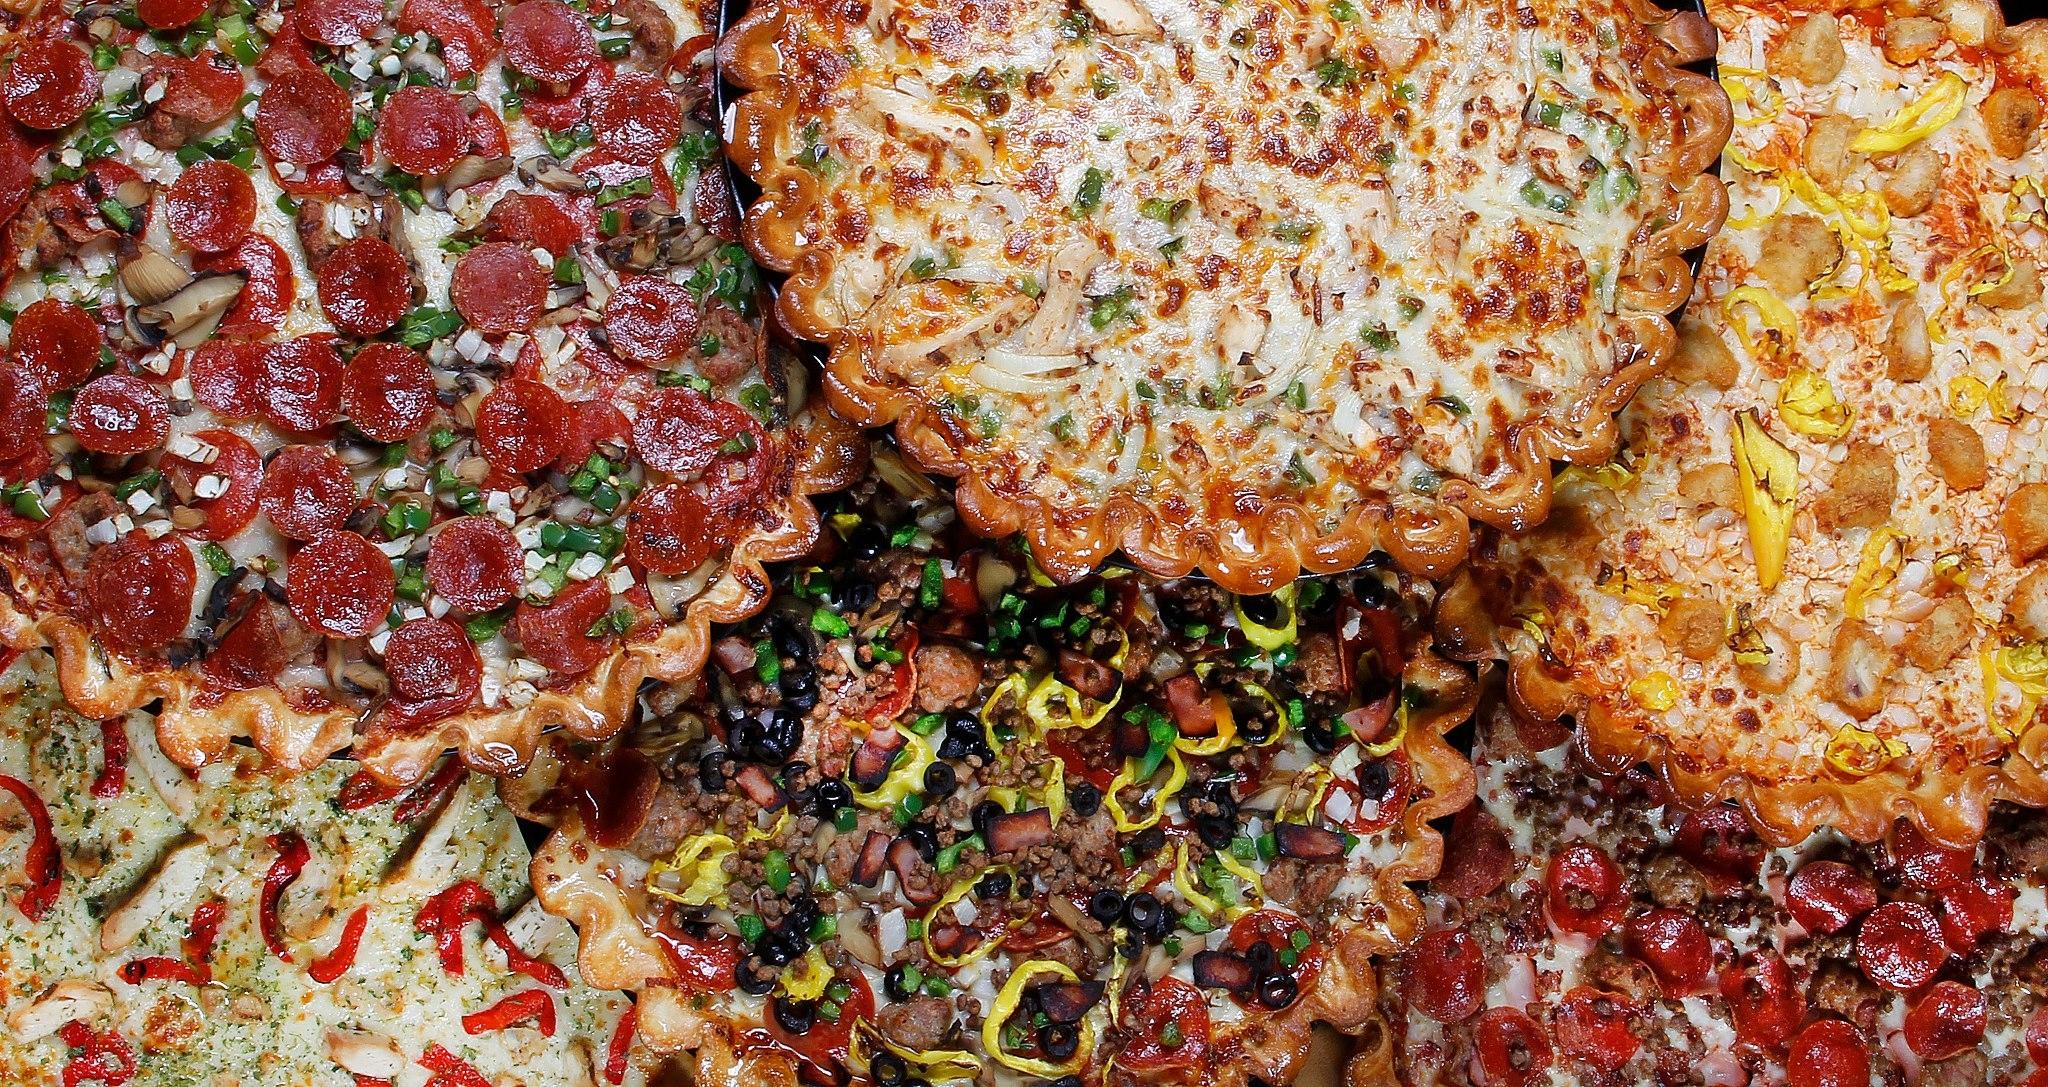 Zeppe's Pizzeria image 2